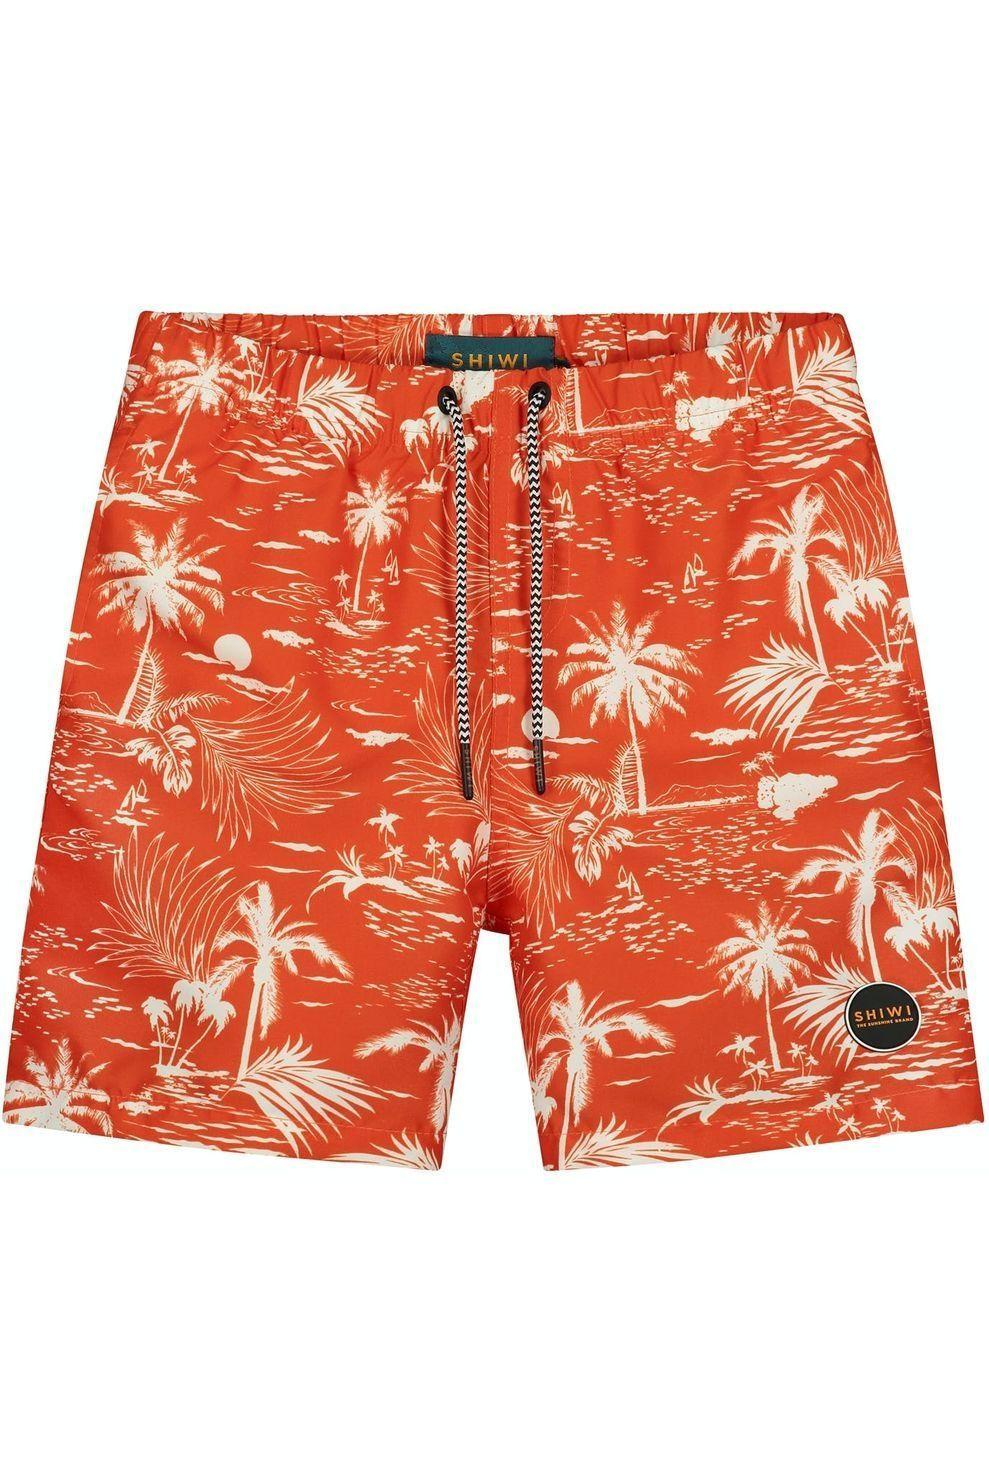 Shiwi Zwemshort Kauai voor jongens - Oranje/ Gemengd - Maten: 128, 140, 152, 164, 176